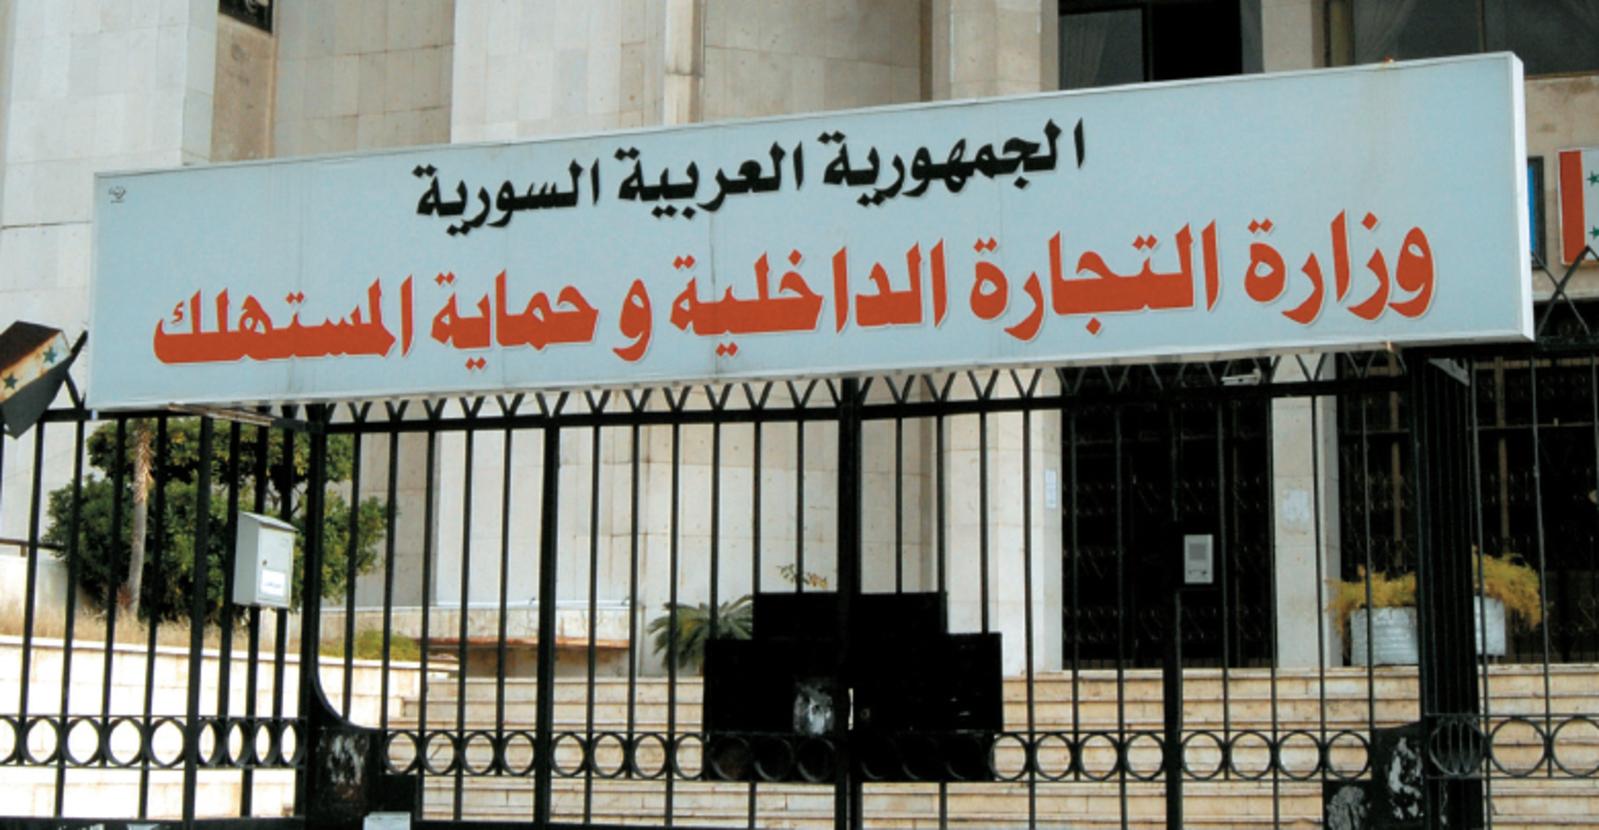 ما هي مدة الإغلاق لكل مخالفة حسب قرار وزارة التجارة الداخلية وحماية المستهلك